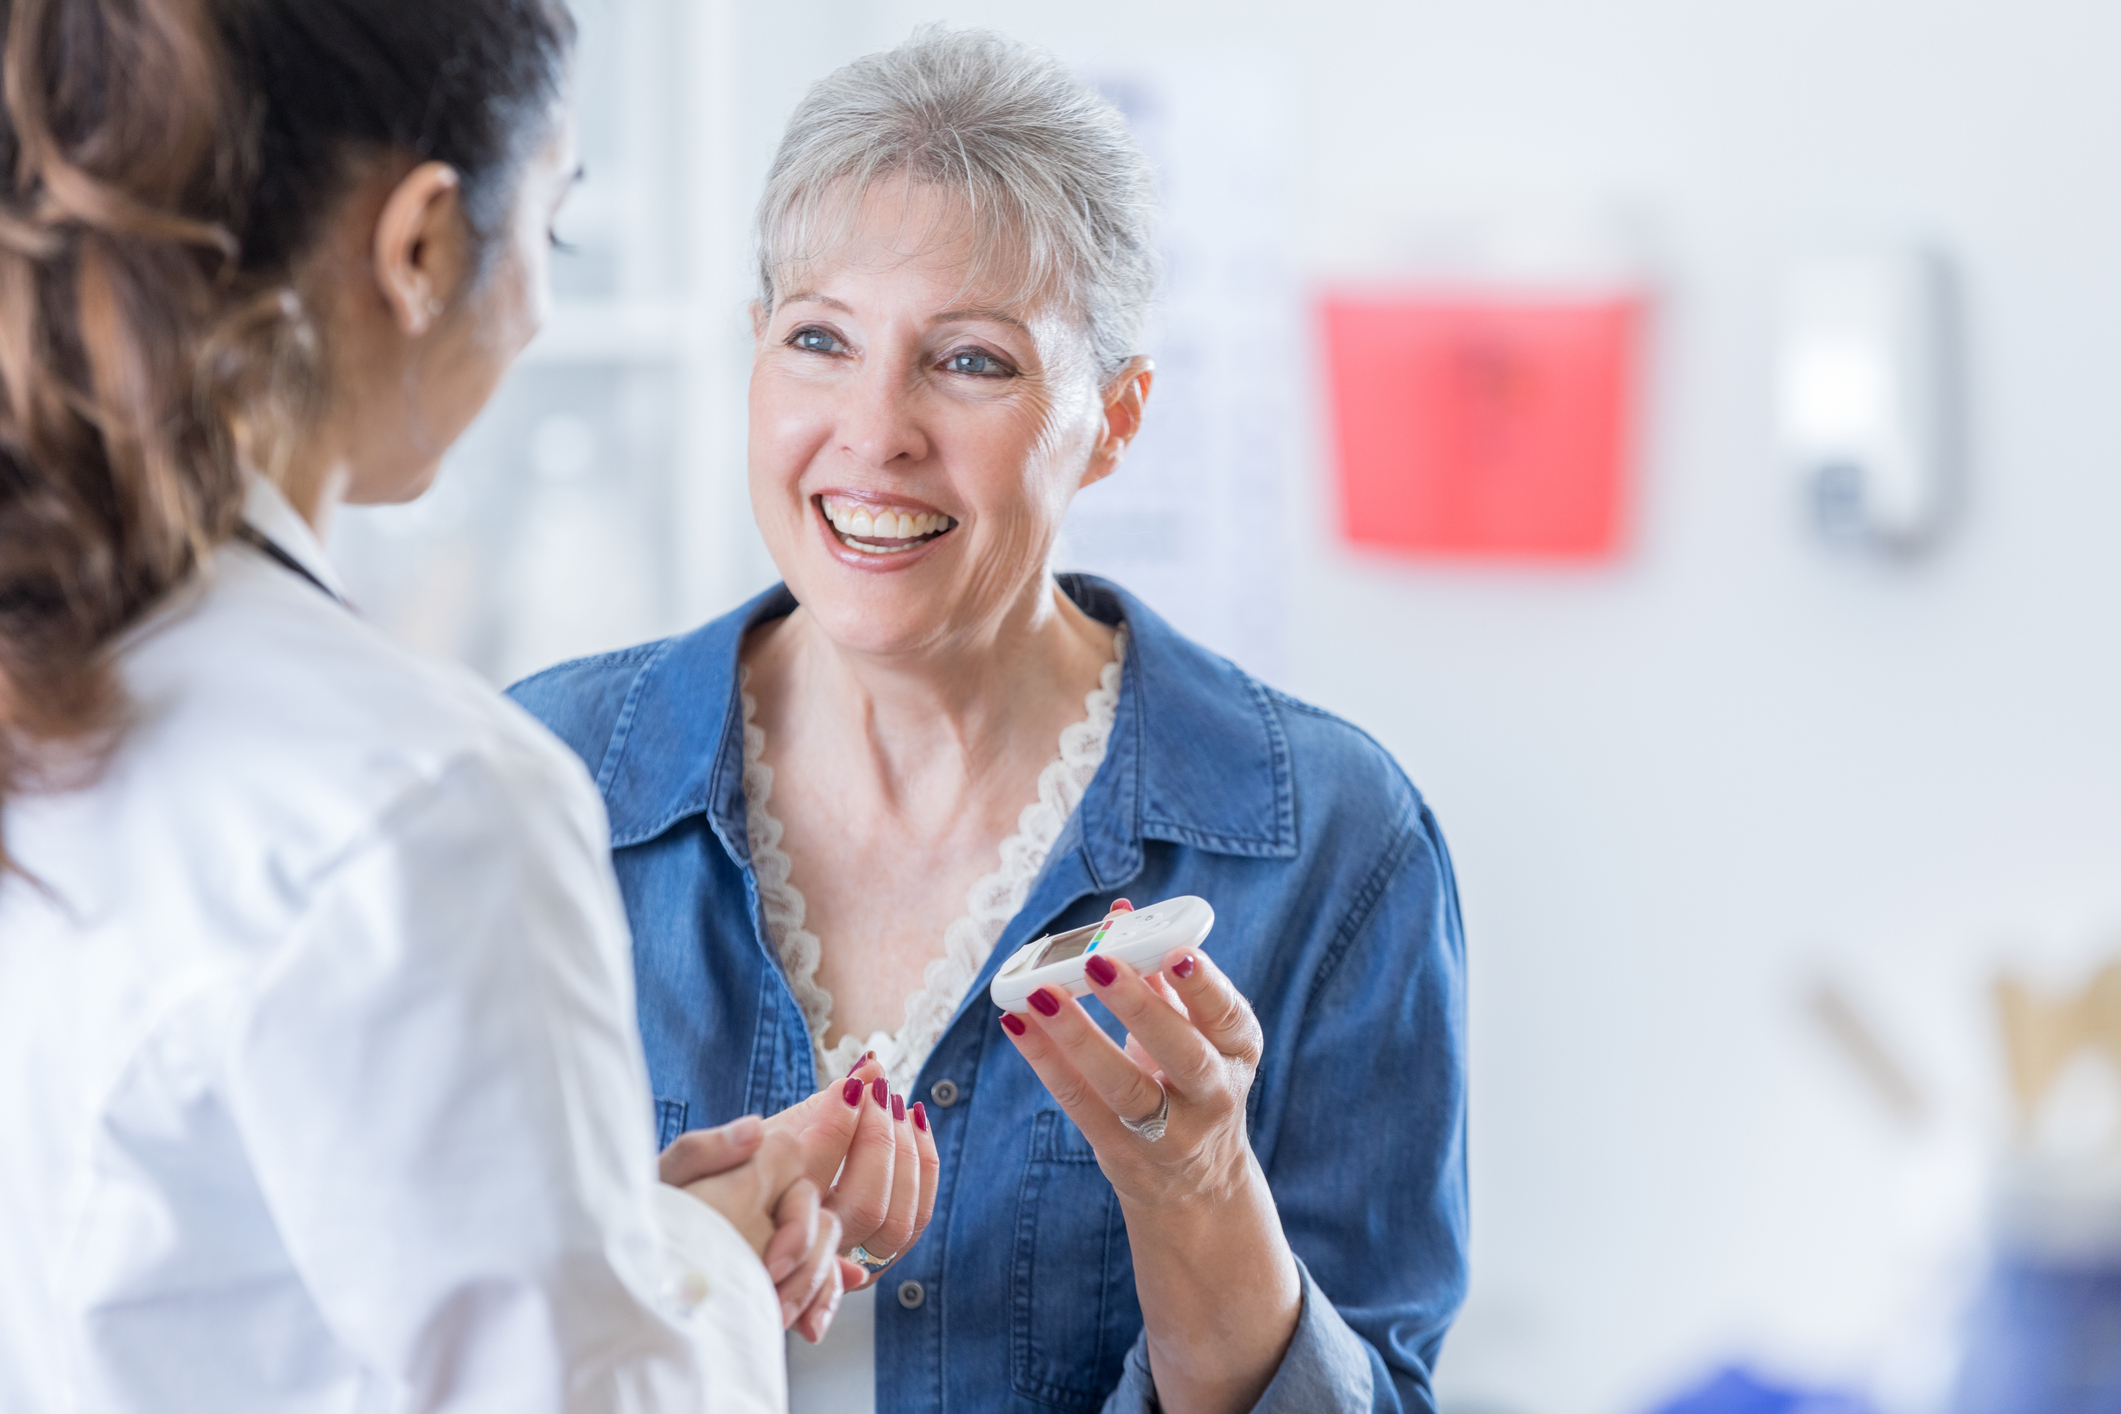 Viviendo con diabetes: Lidiar con enfermedades de manera saludable